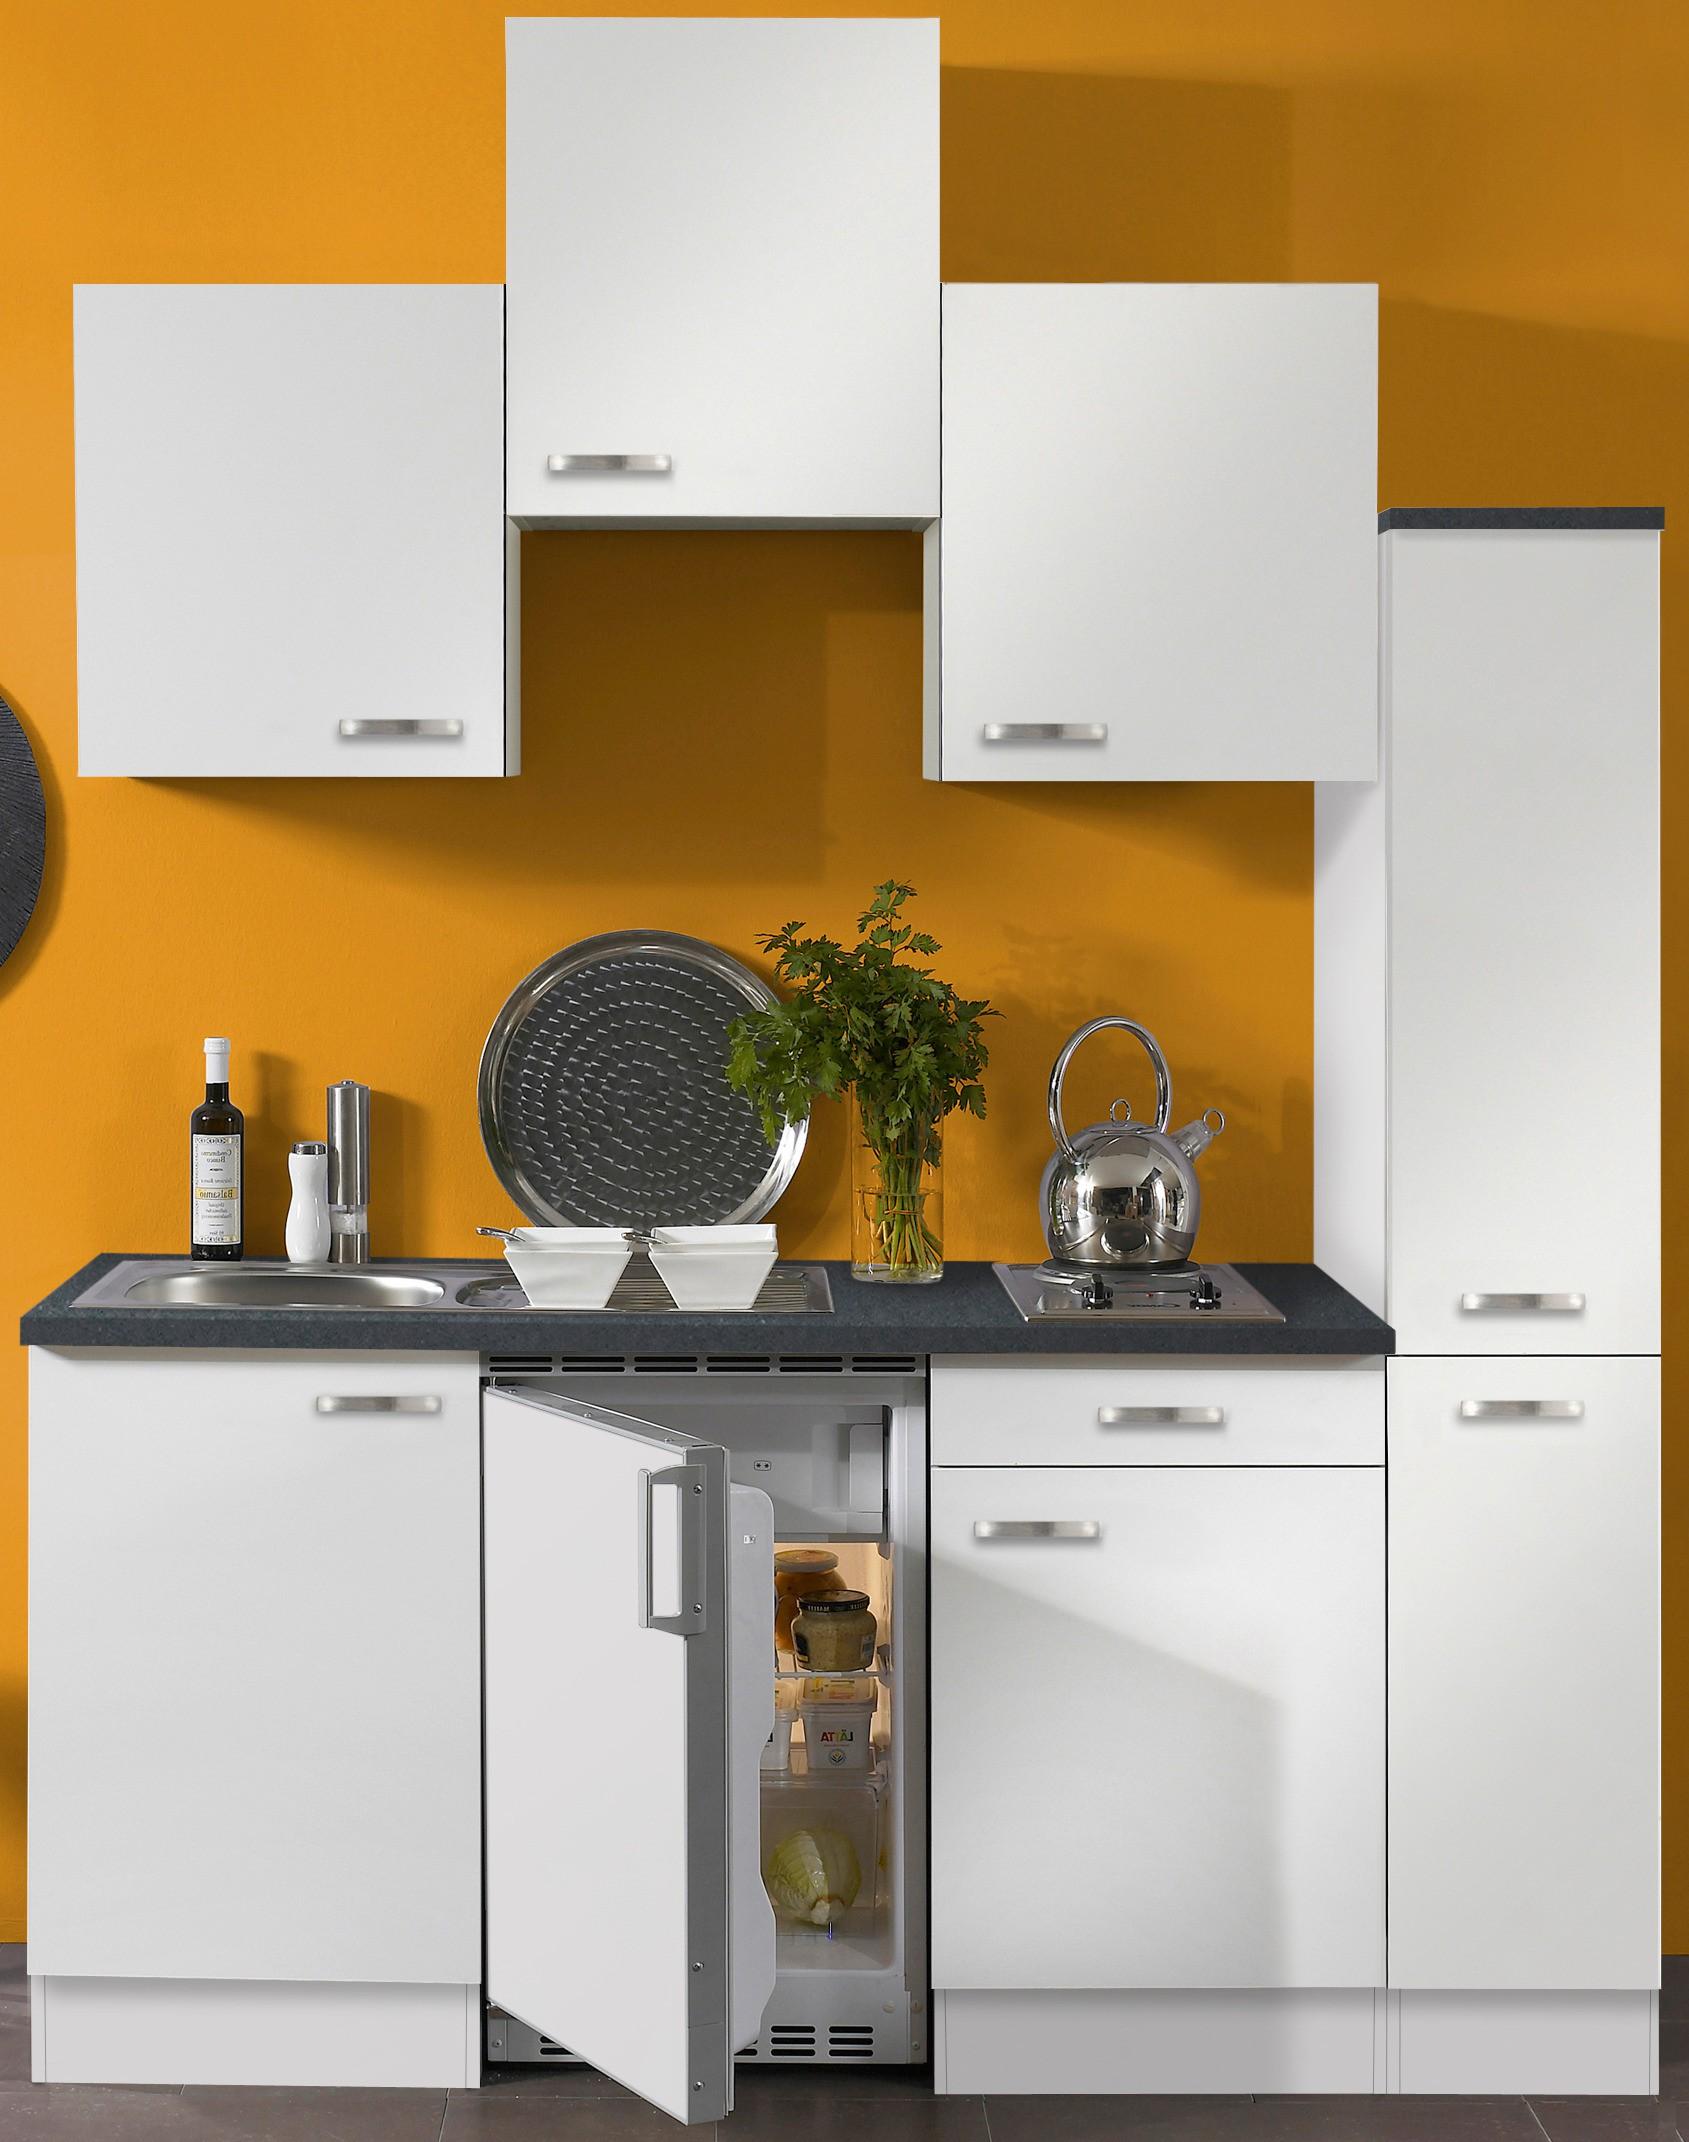 miniküche mit kühlschrank | ecocasa.info - Miniküche Mit Kühlschrank